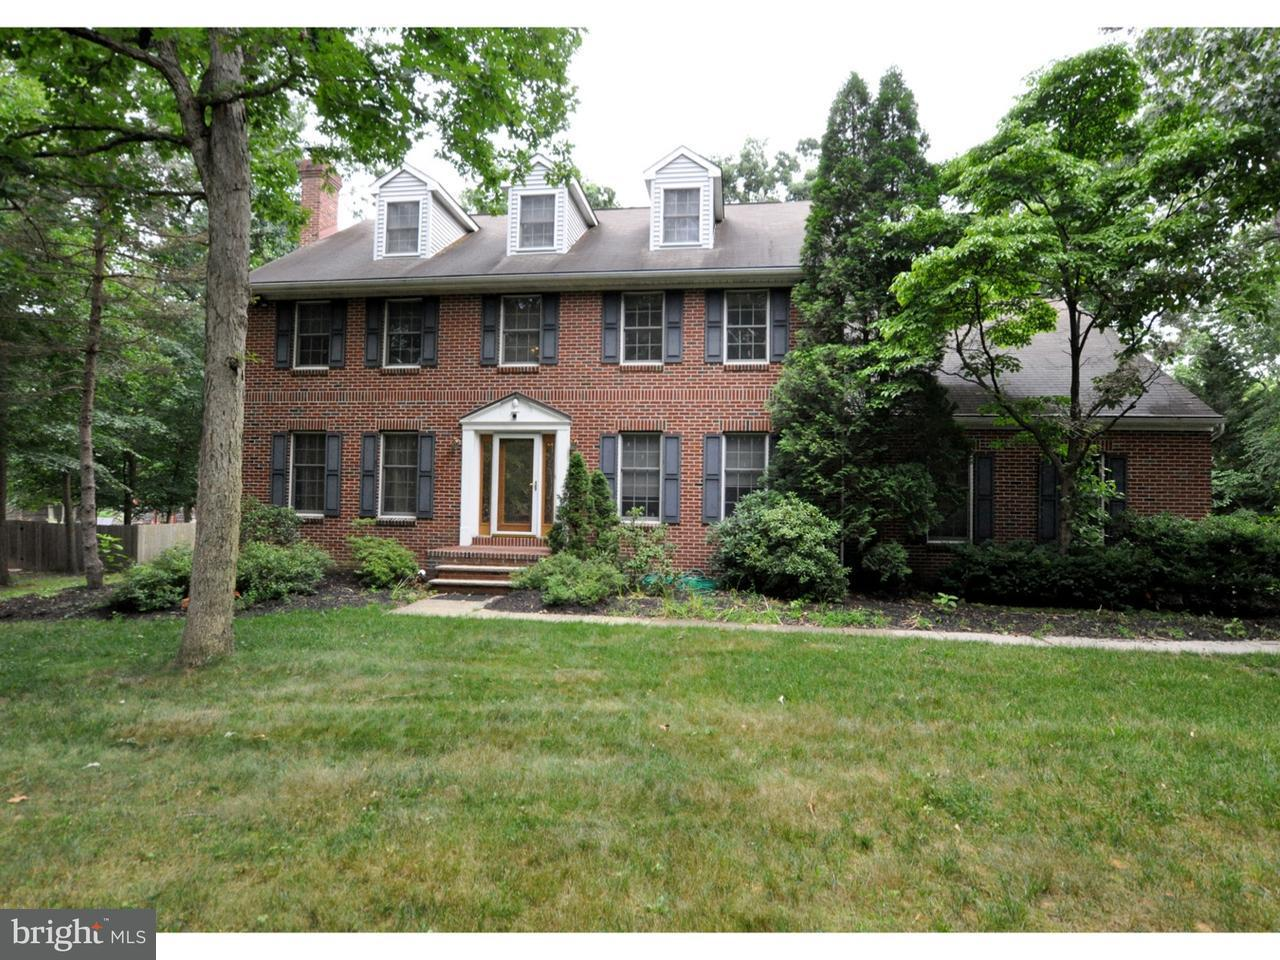 Частный односемейный дом для того Продажа на 108 IRICK Road Westampton, Нью-Джерси 08060 Соединенные Штаты